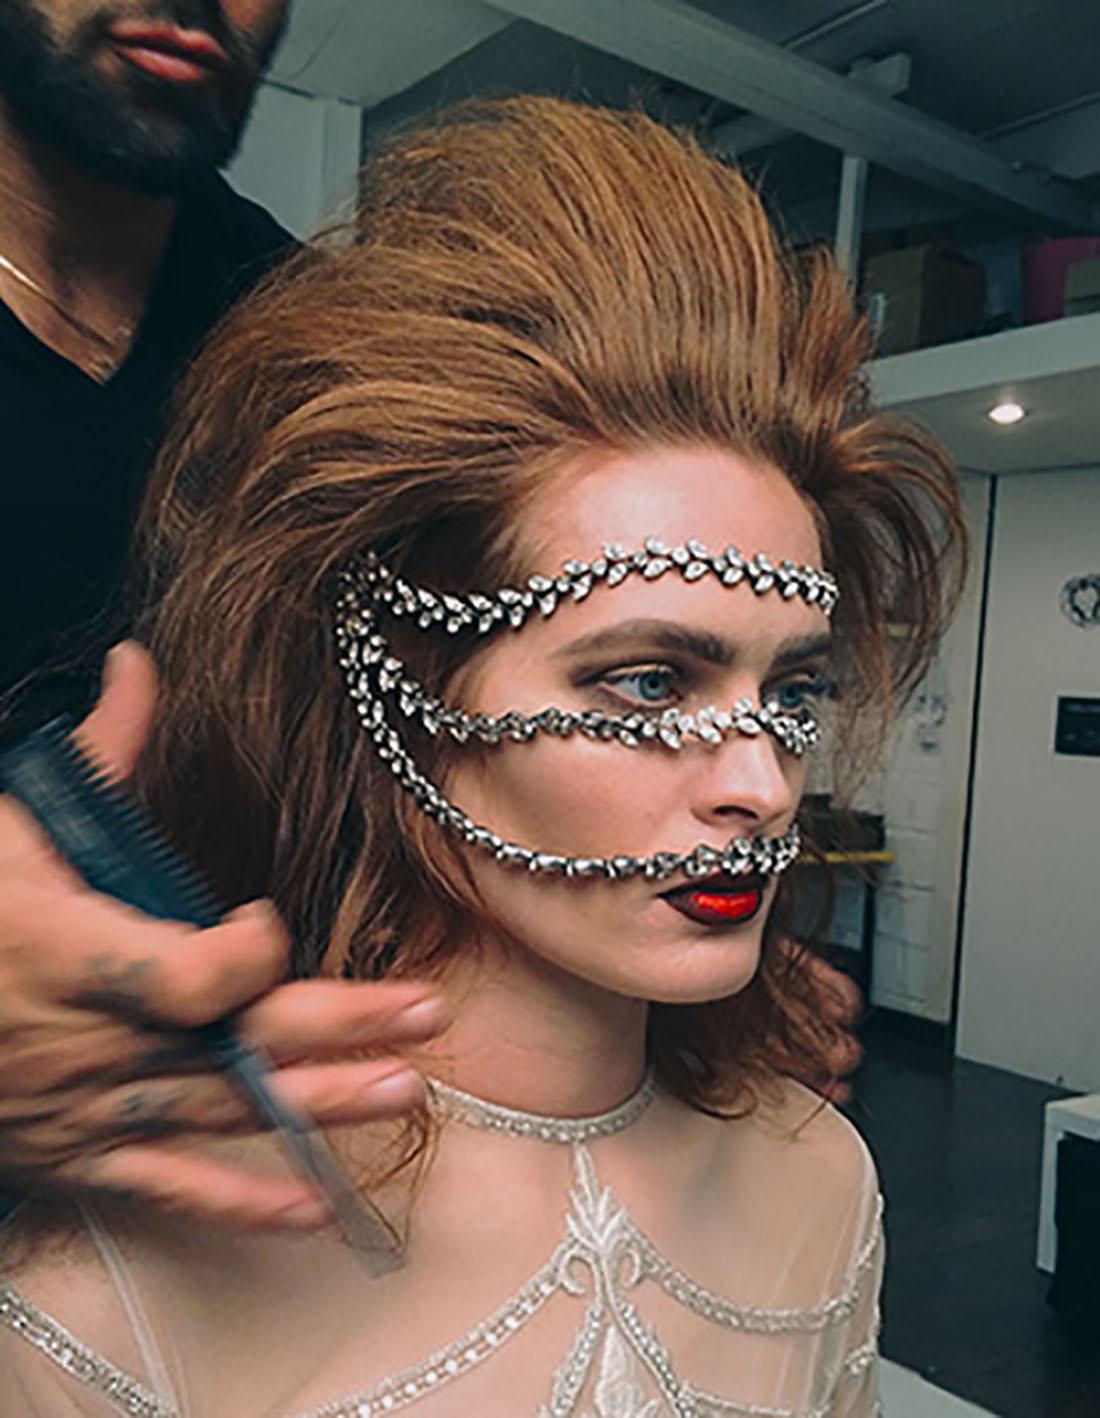 coloured gel lighting - fashion photographers blog james nader